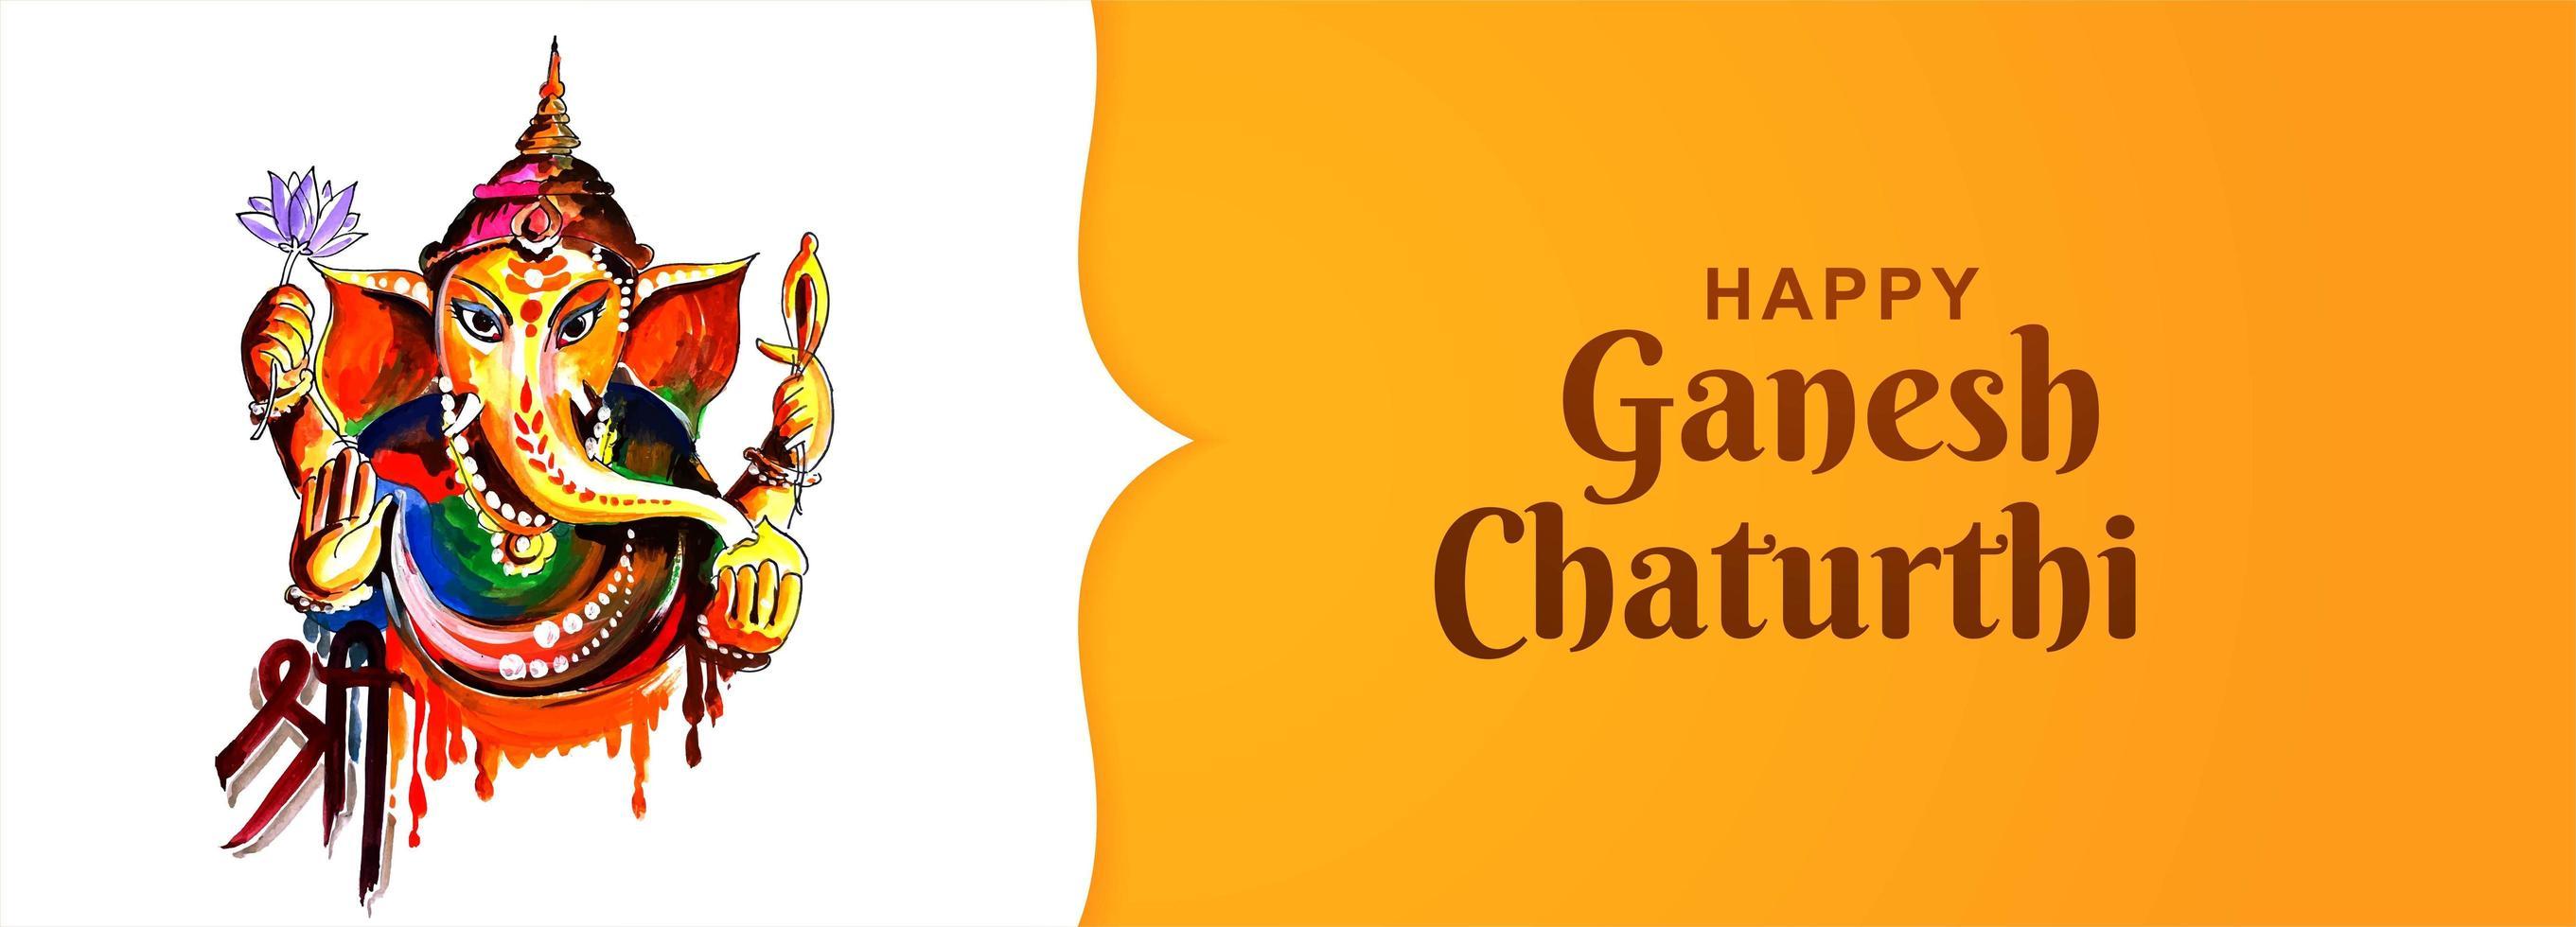 gelukkige ganesh chaturthi utsav-festivalkaartbanner vector